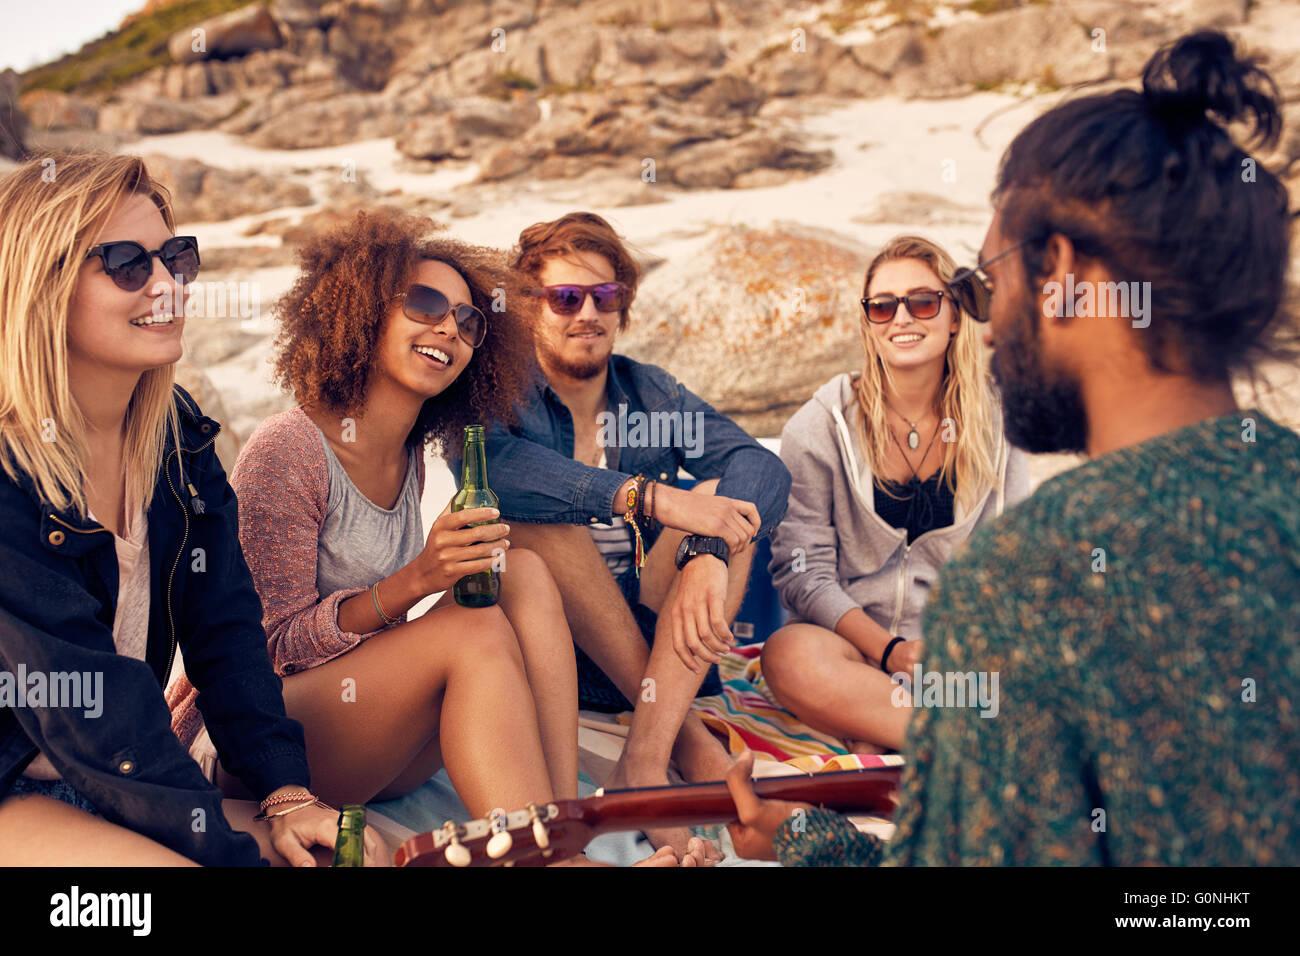 Grupo De Jóvenes Escuchando A Un Amigo Tocando La Guitarra En La